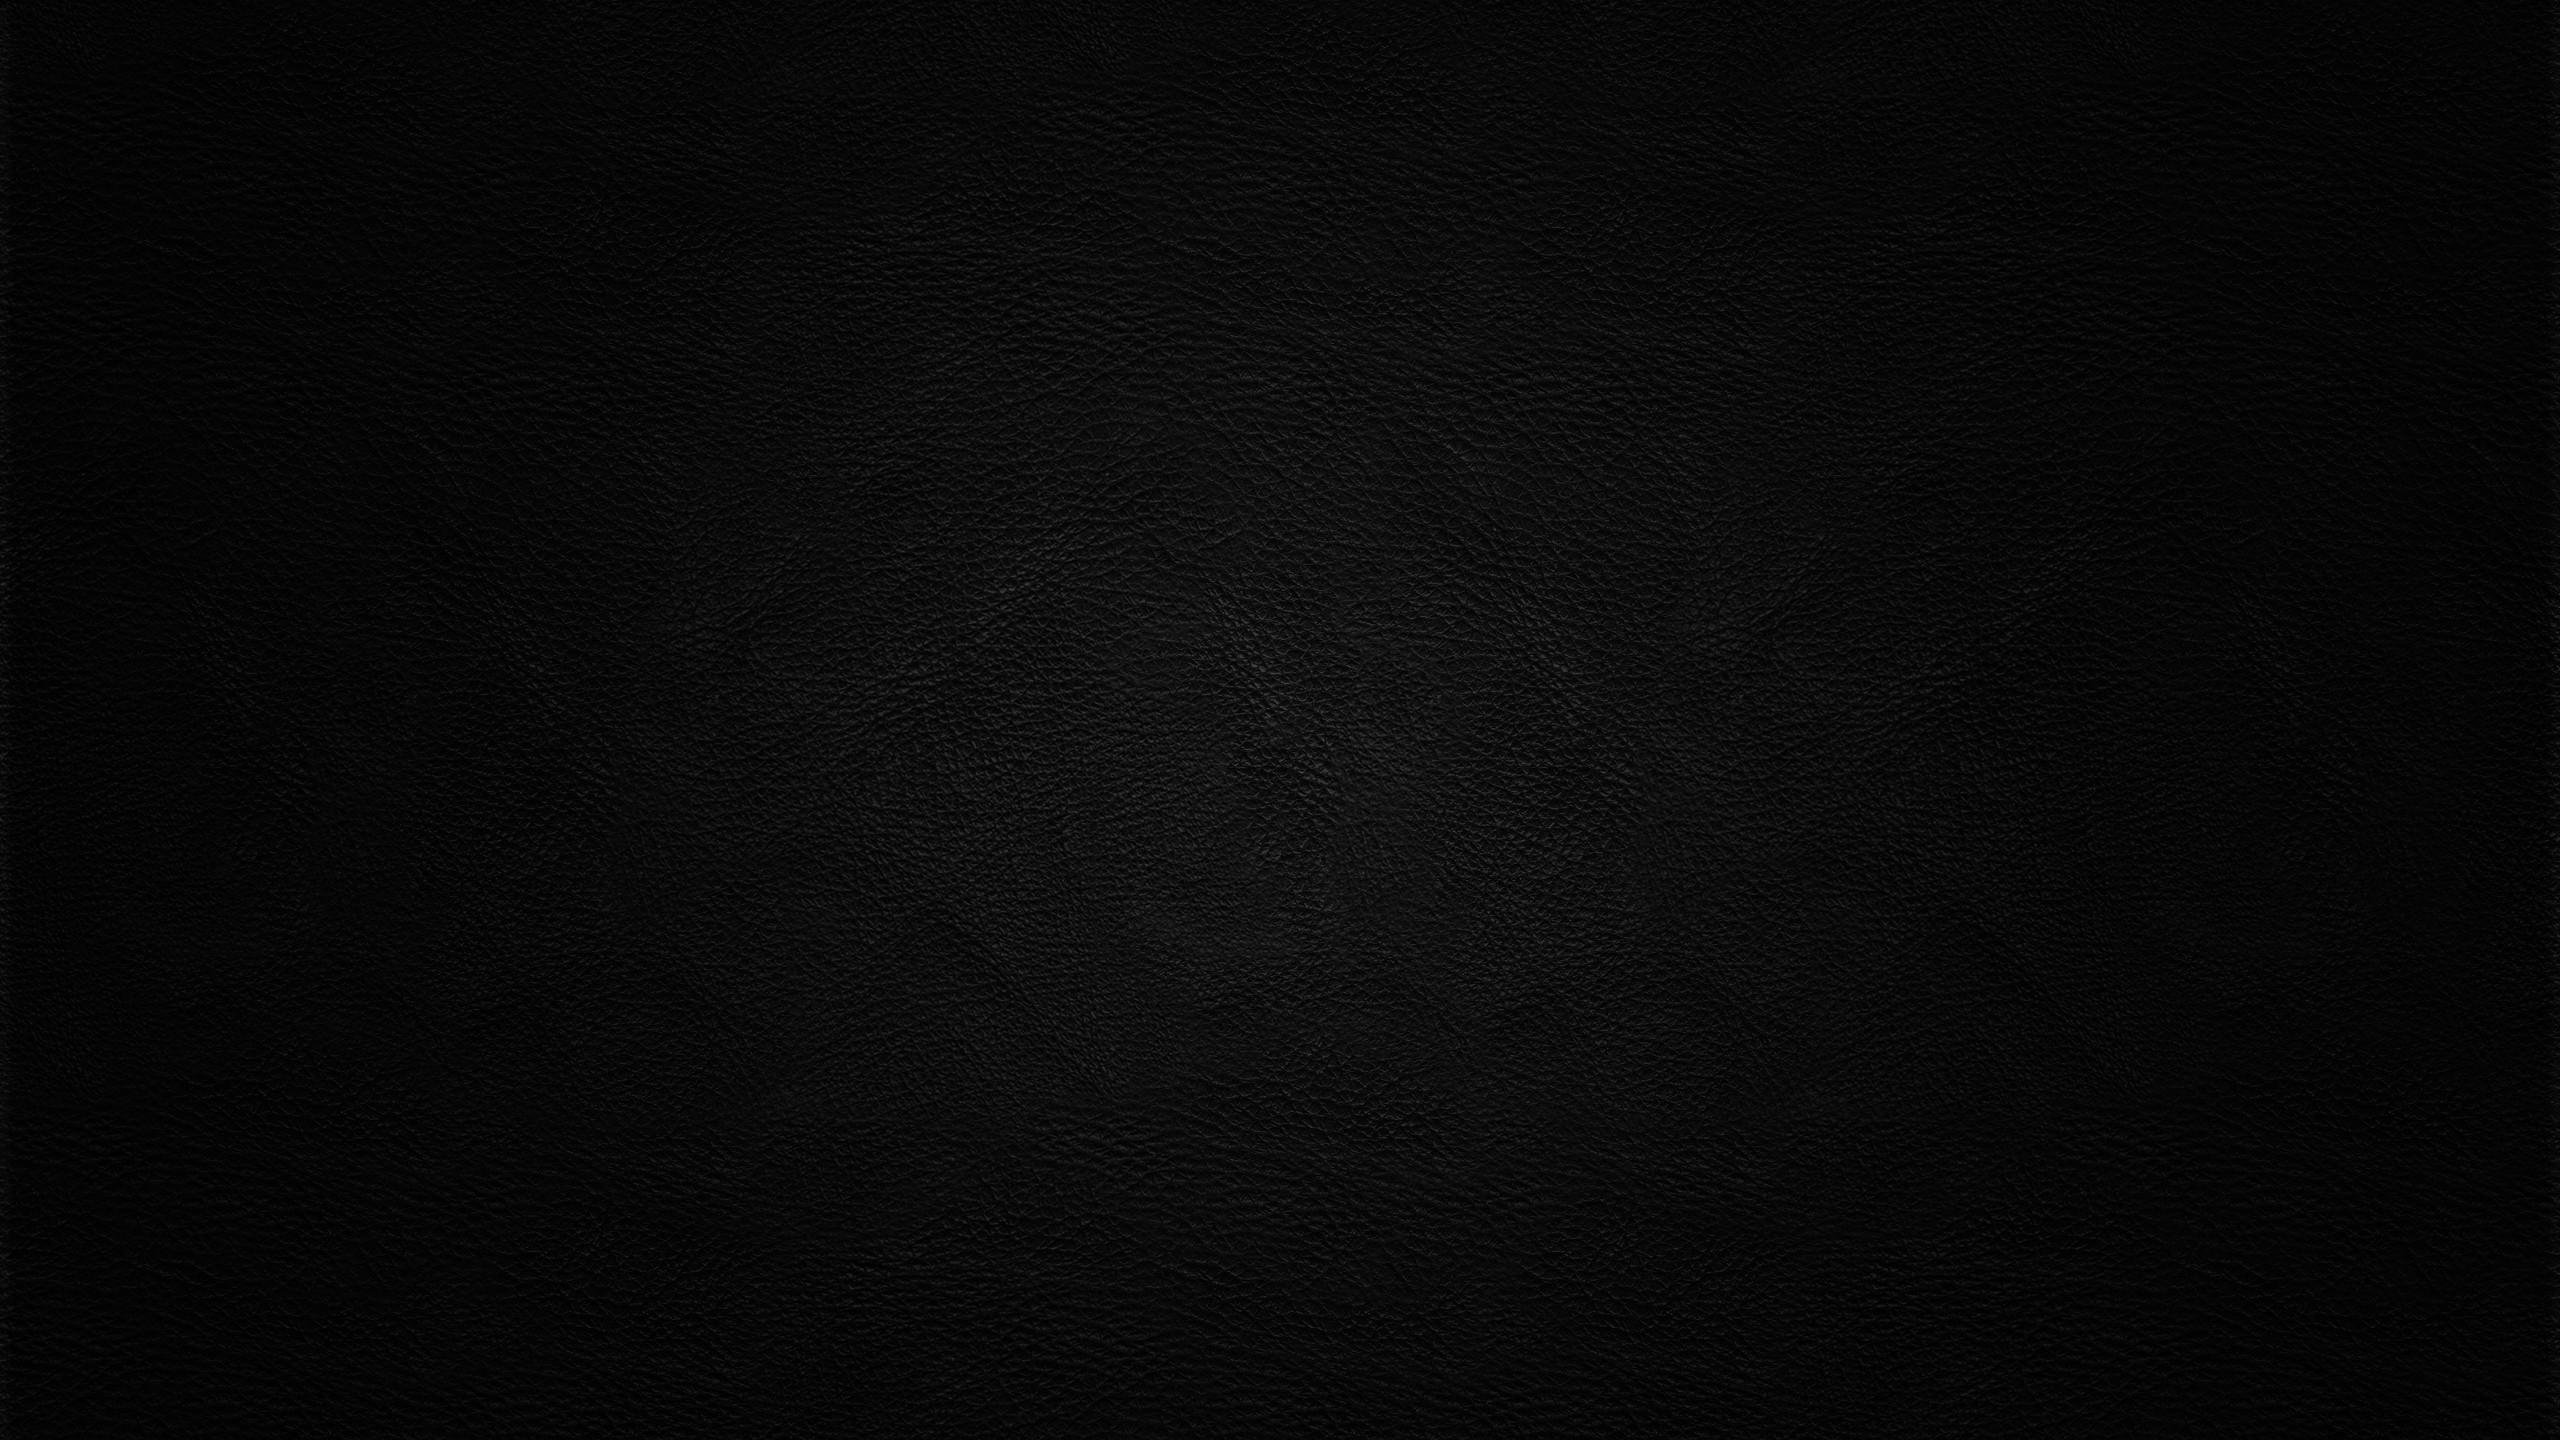 Hình Nền đơn Sắc Kết Cấu Vòng Tròn Da Màu Xám Hàng